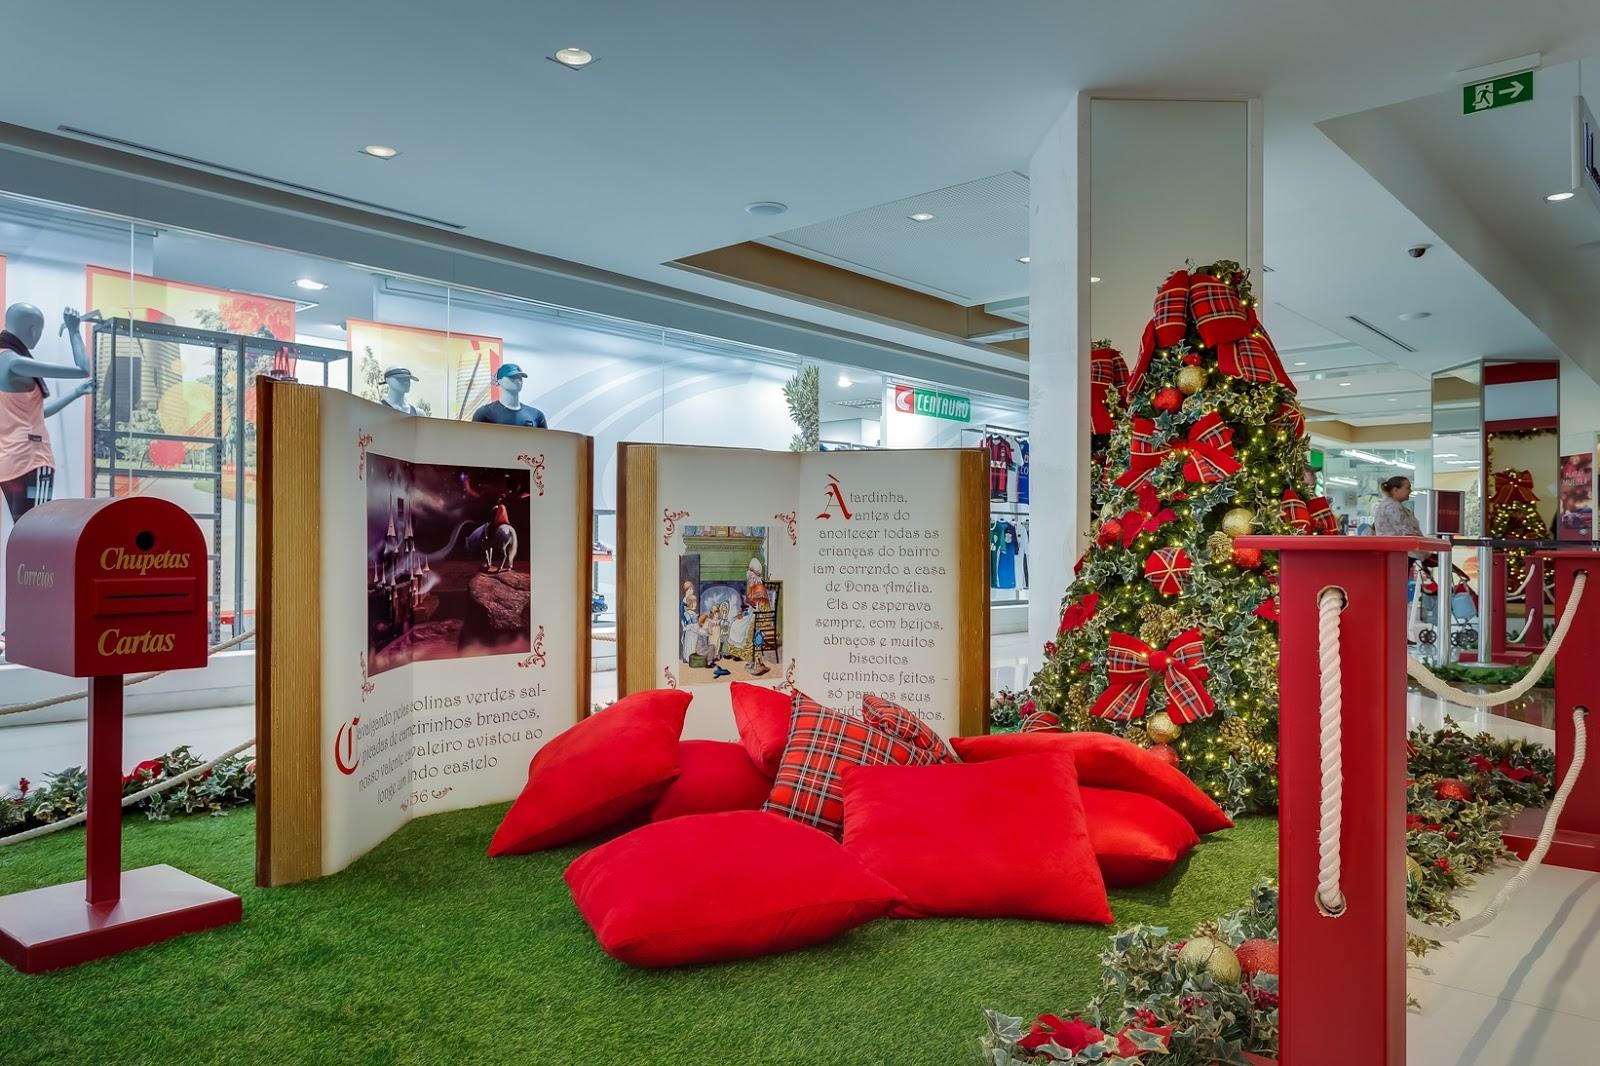 f23fded14767e Nos pisos L2 e L3 os clientes do mall podem conferir a presença do mascote  natalino do Shopping Mueller  o gigante Urso Caramelo.